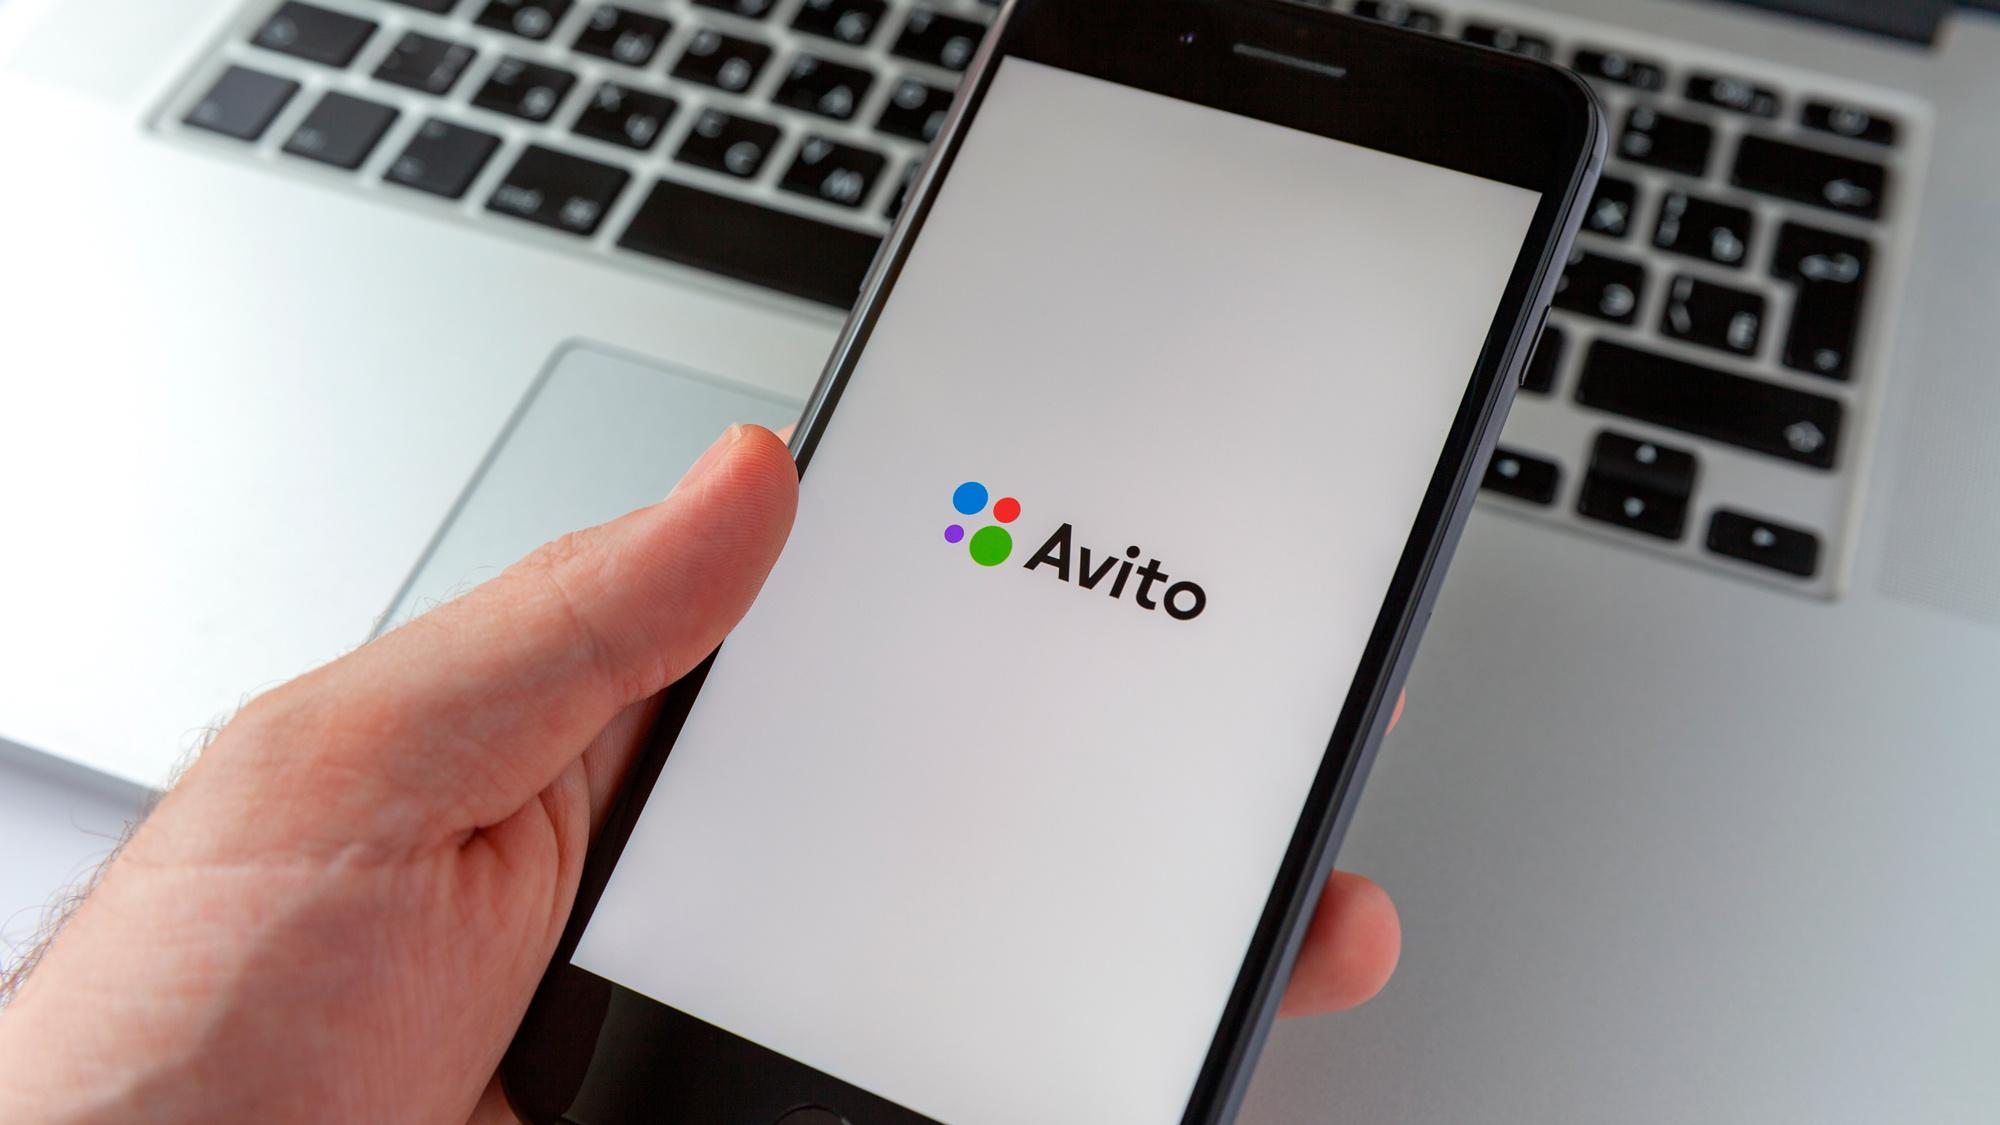 """Пользователей """"Авито"""" обманывают при продаже смартфонов. 9 критериев качественного устройства"""